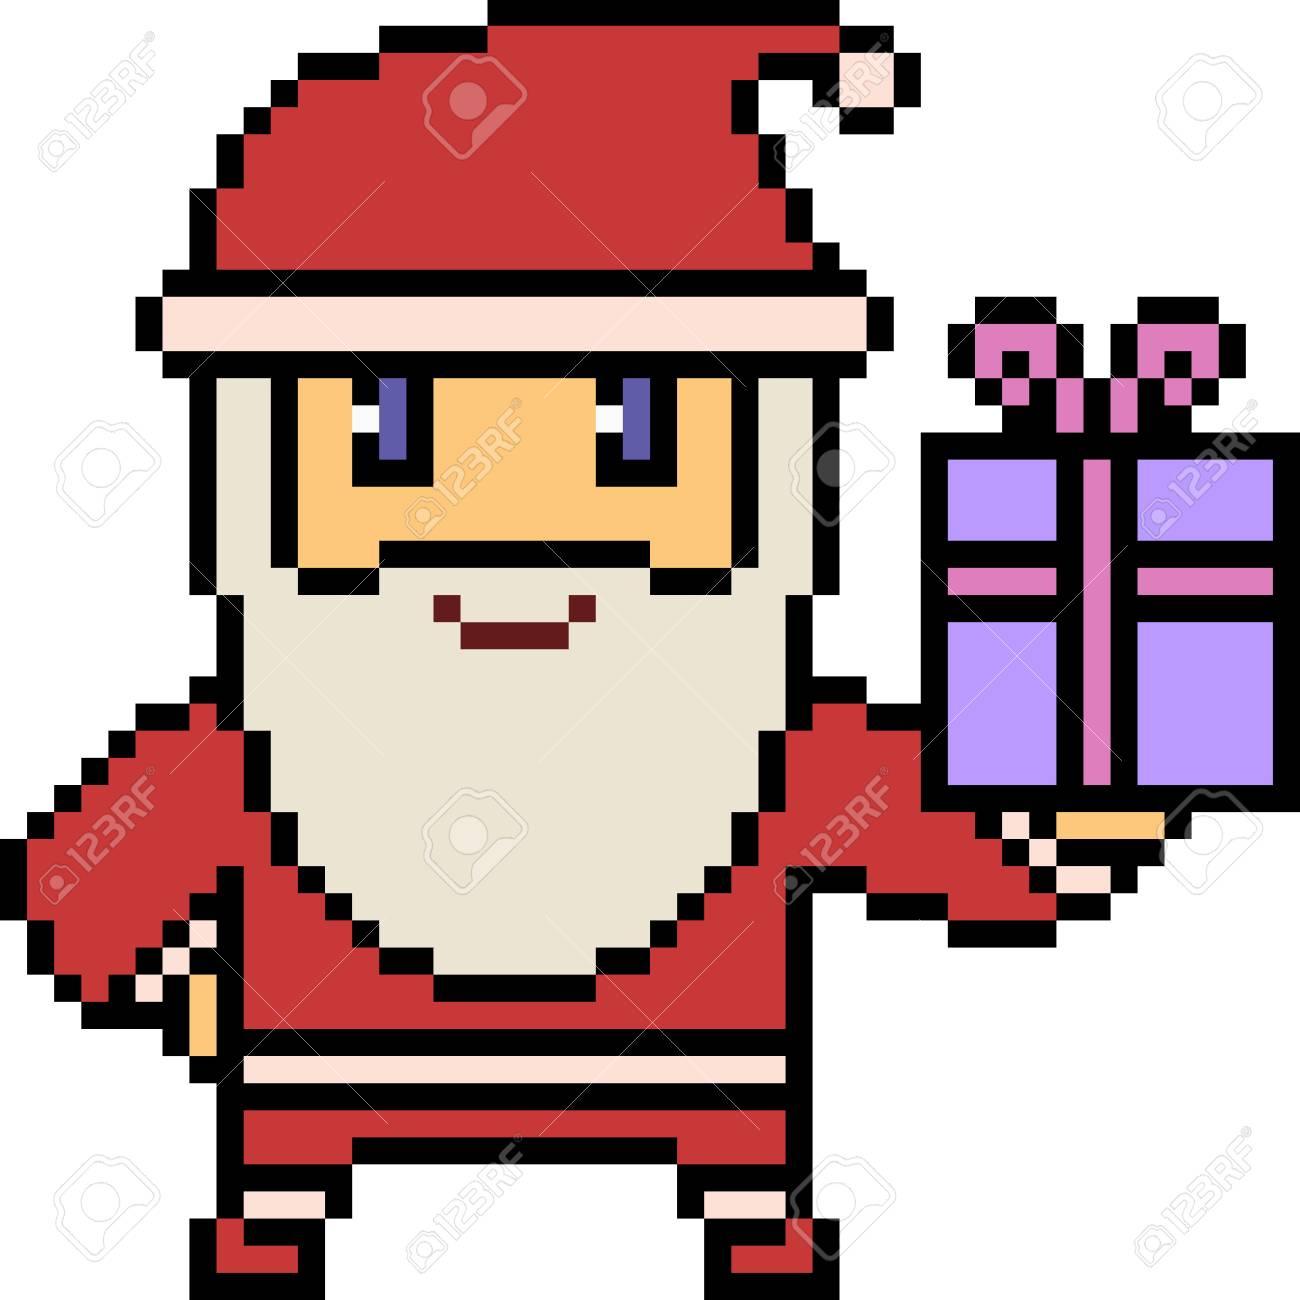 Pixel Art Illustration Du Père Noël Tenant Une Boîte De Cadeau